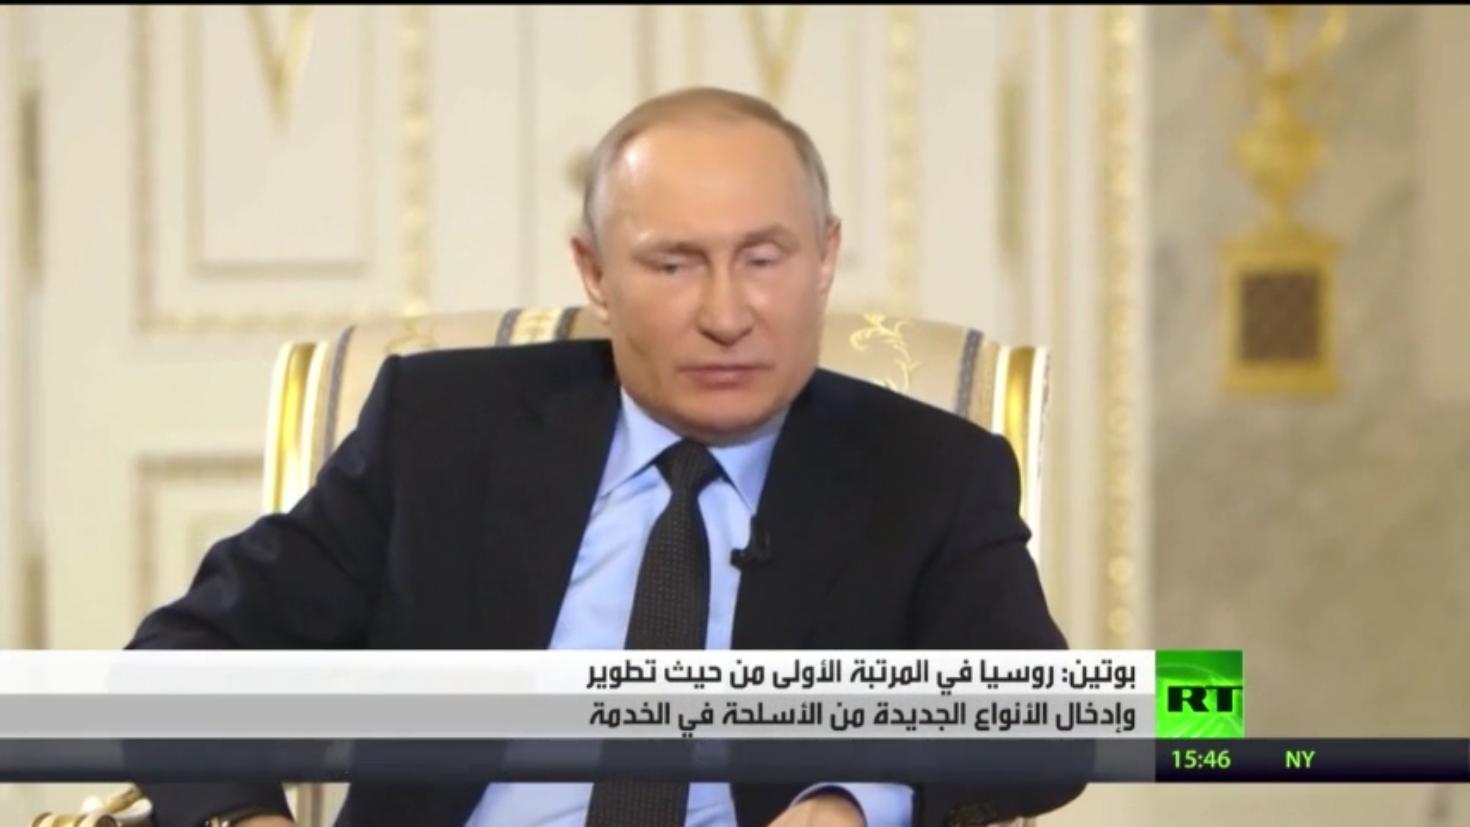 بوتين: قادرون على مواجهة الأسلحة فرط الصوتية